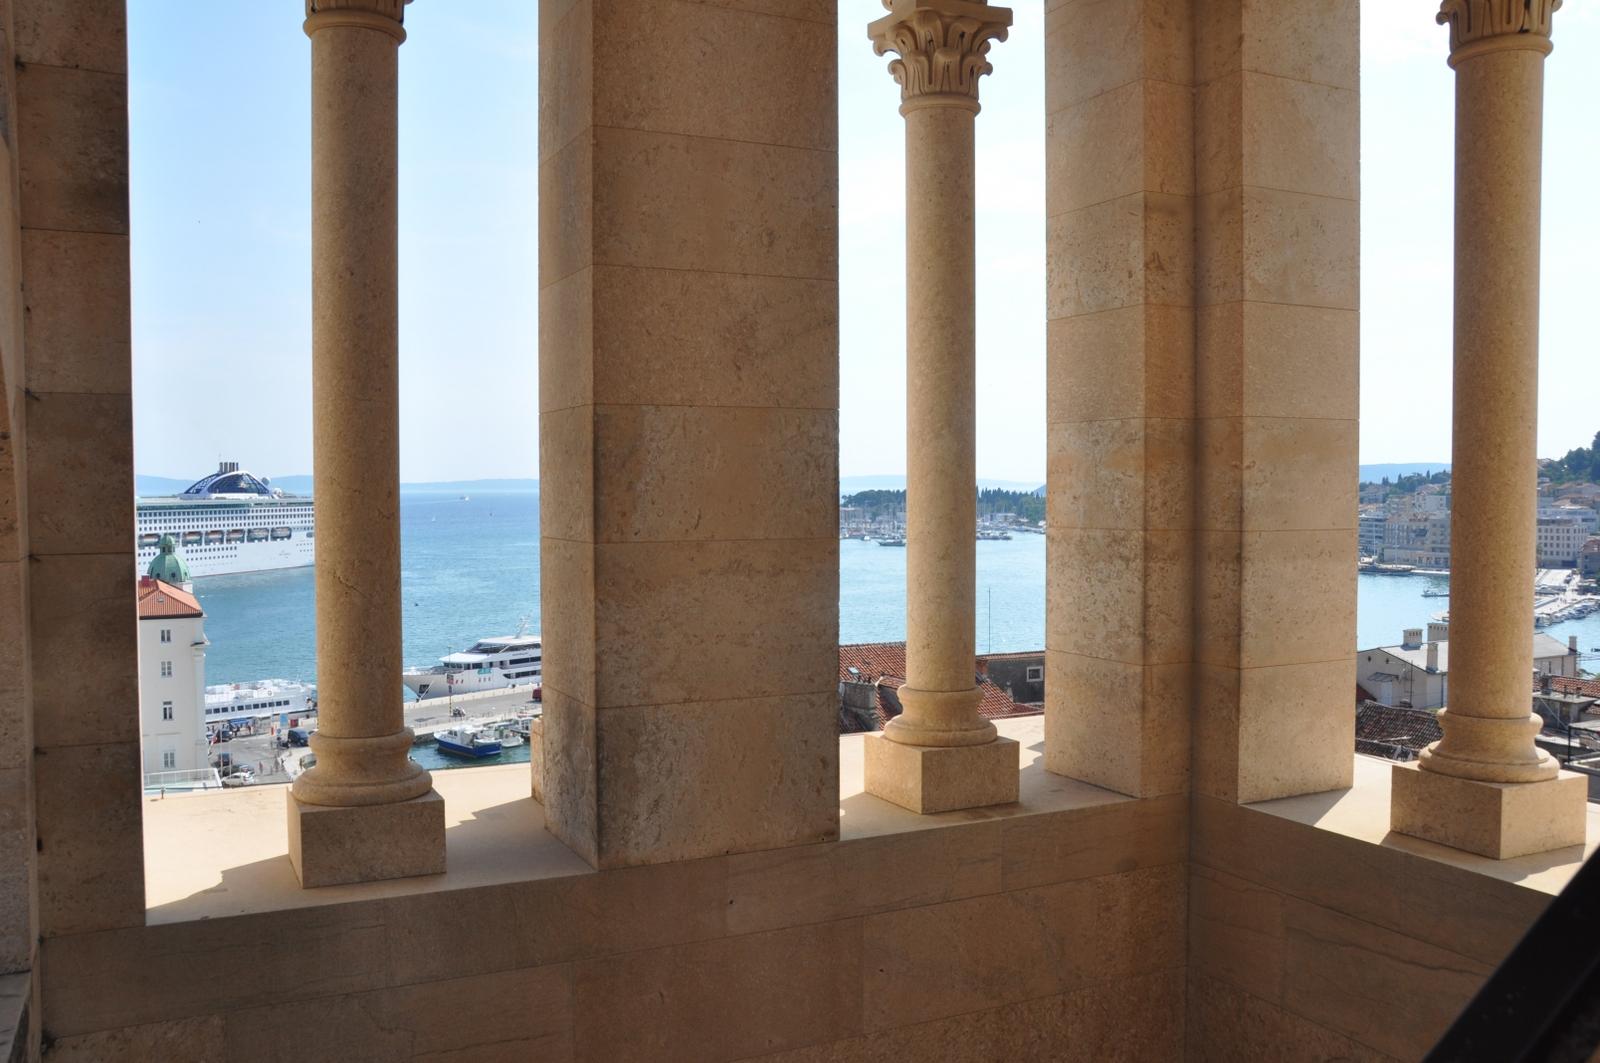 Croatia-world-heritage-sites-Spilt